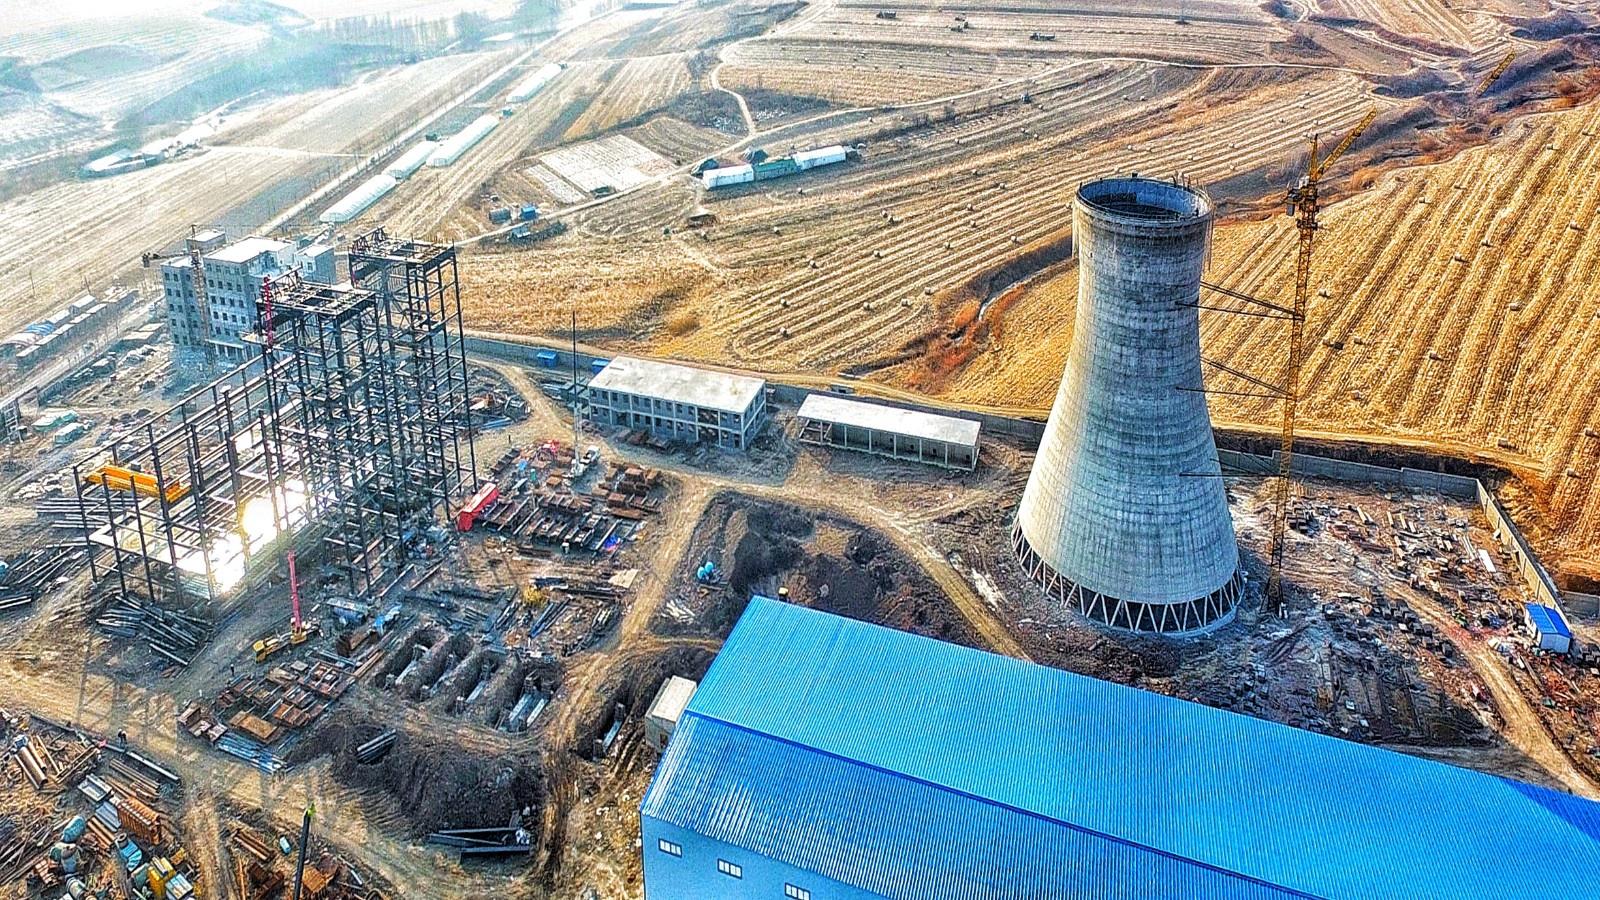 黑龙江省百大项目——东宁恒昌生物质热电联产项目建设进展迅猛